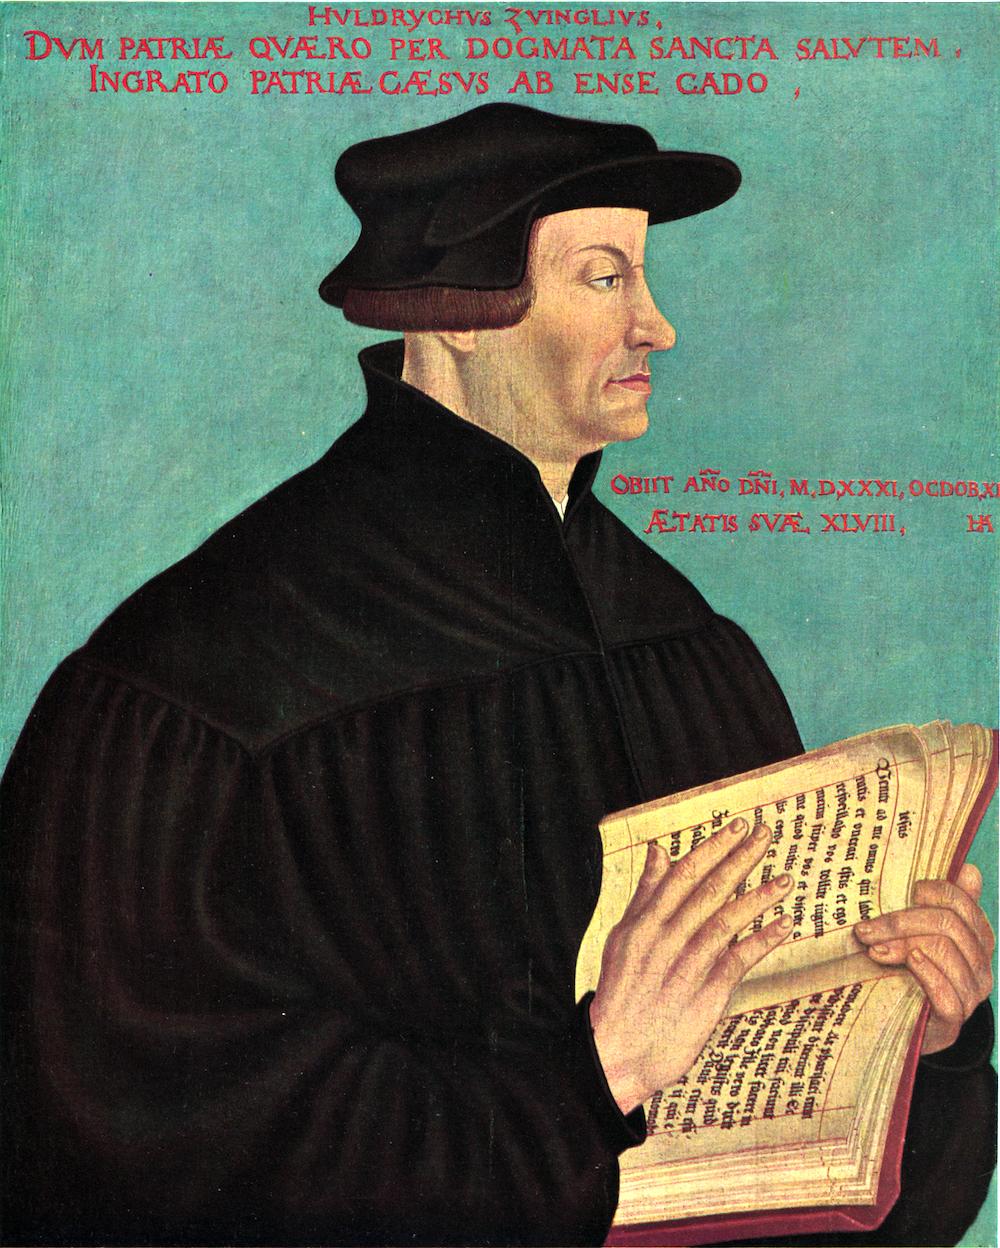 Huldyrich Zwingli: Nicht nur Zürcher Reformatoren, sondern auch Leutpriester in Einsiedeln.